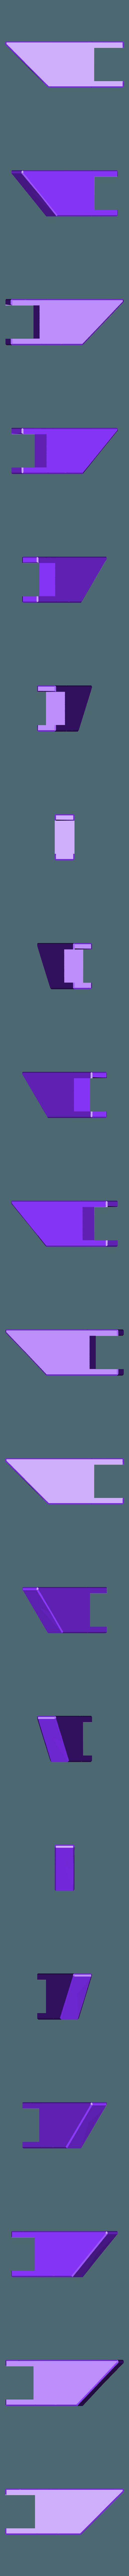 extension_wide.stl Télécharger fichier STL gratuit cr-10 extension latérale de l'ikea • Design à imprimer en 3D, Punisher_4u